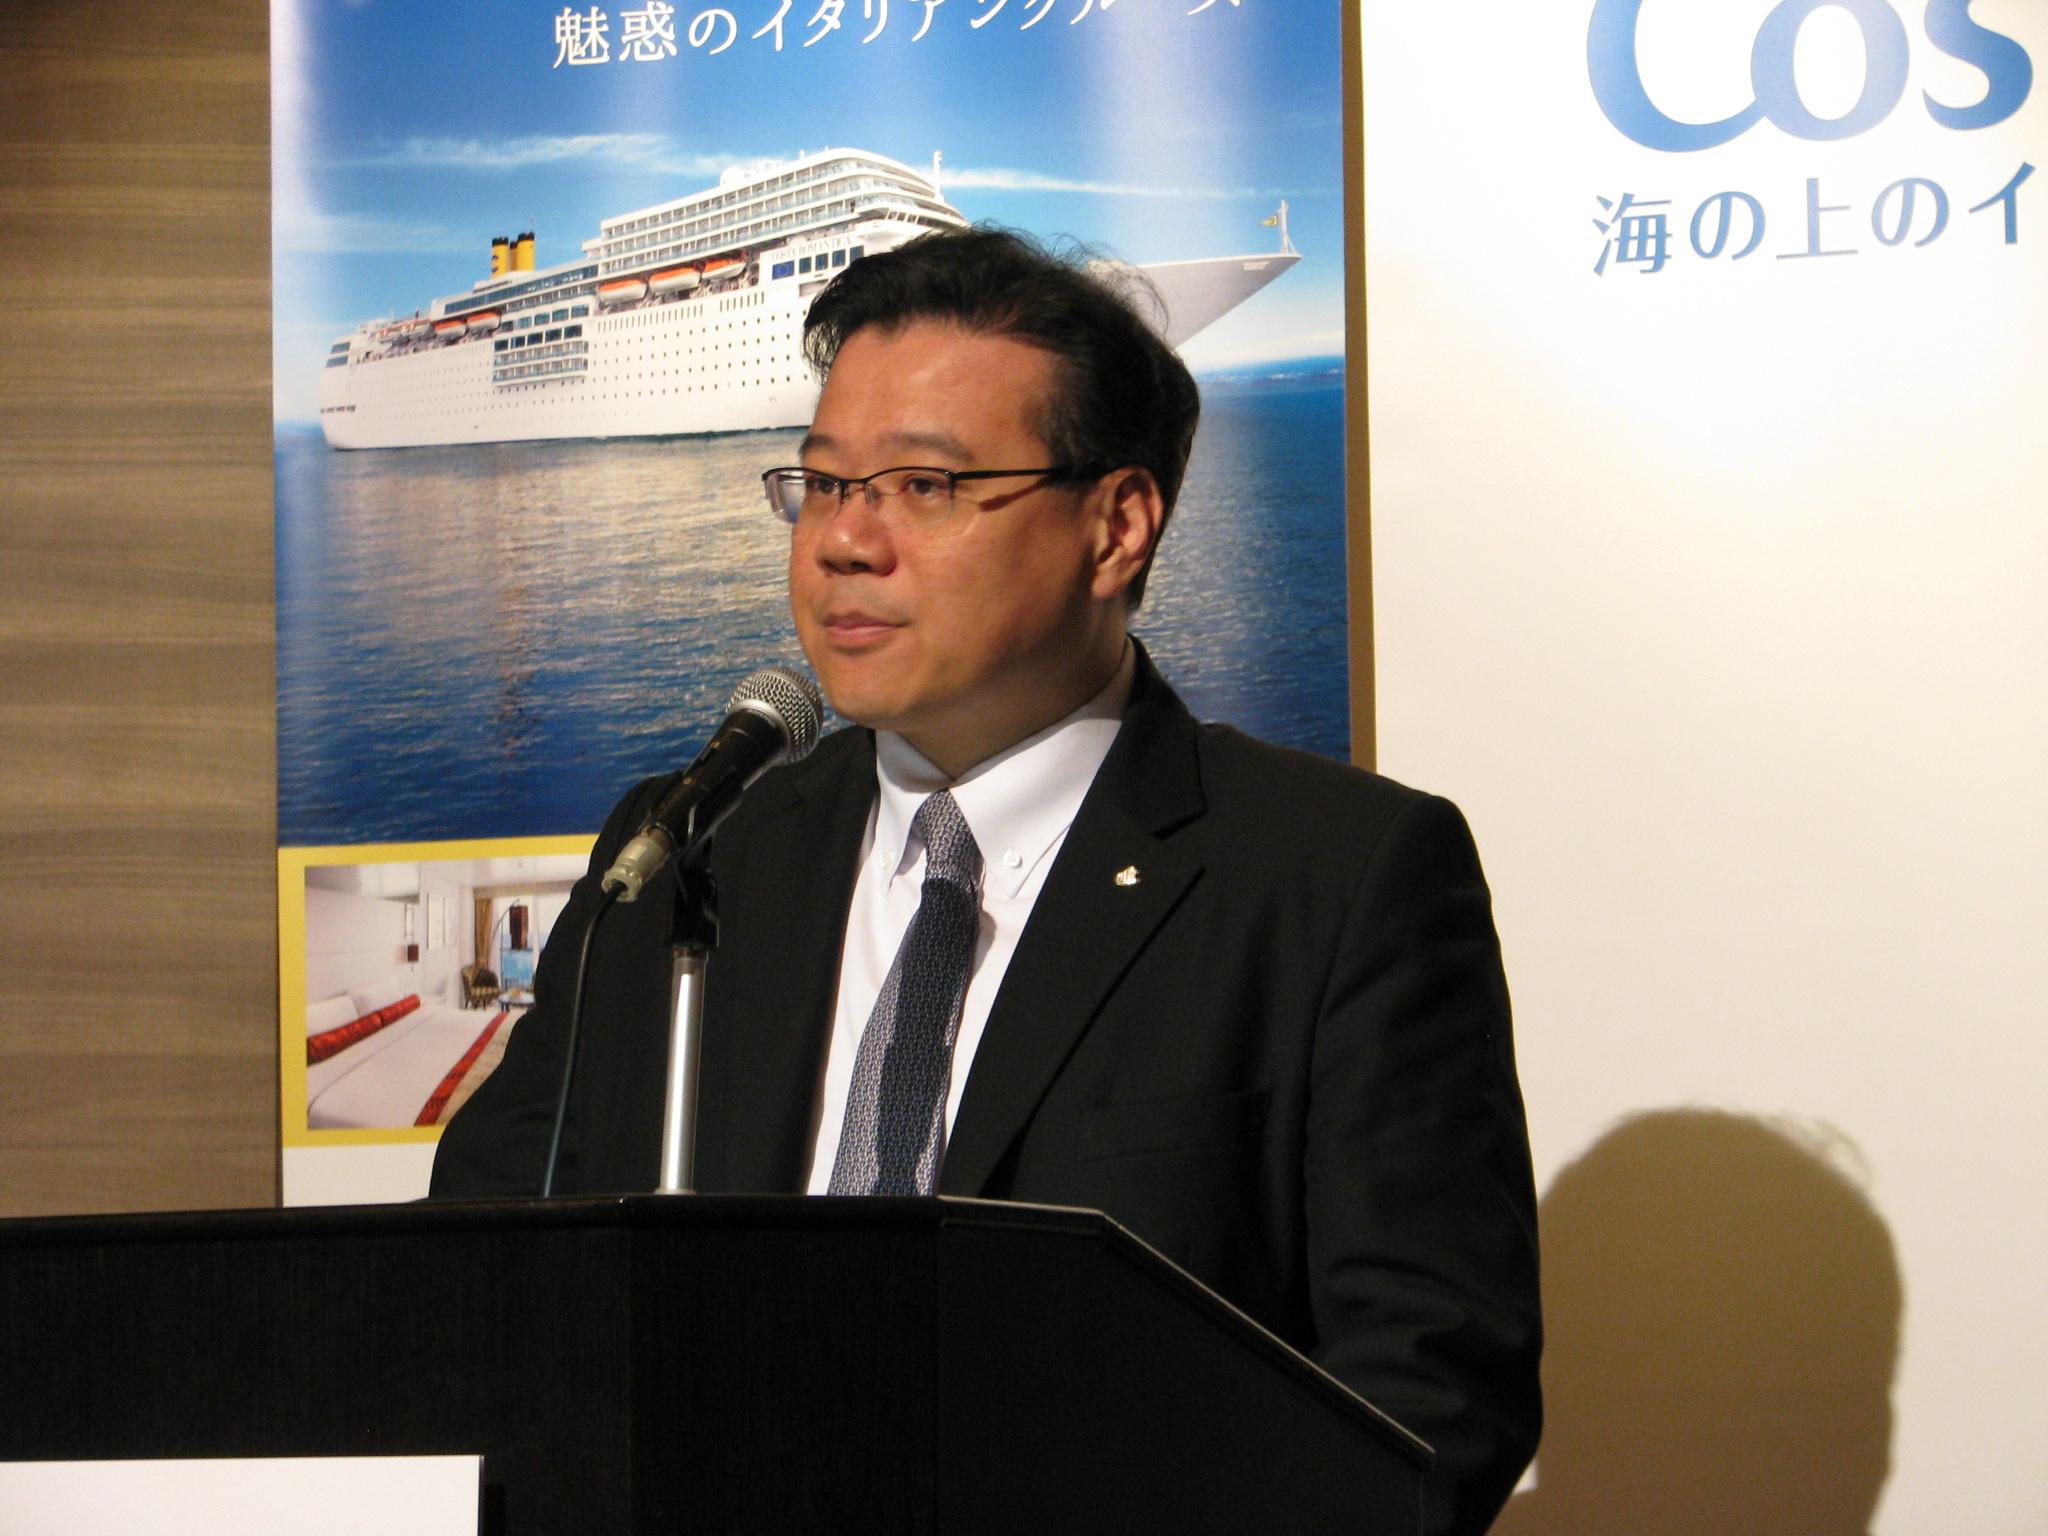 欧州大手コスタクルーズが2017年の日本発着クルーズ発表、運行本数を大幅増加、初寄港は新潟やウラジオストックなど6港